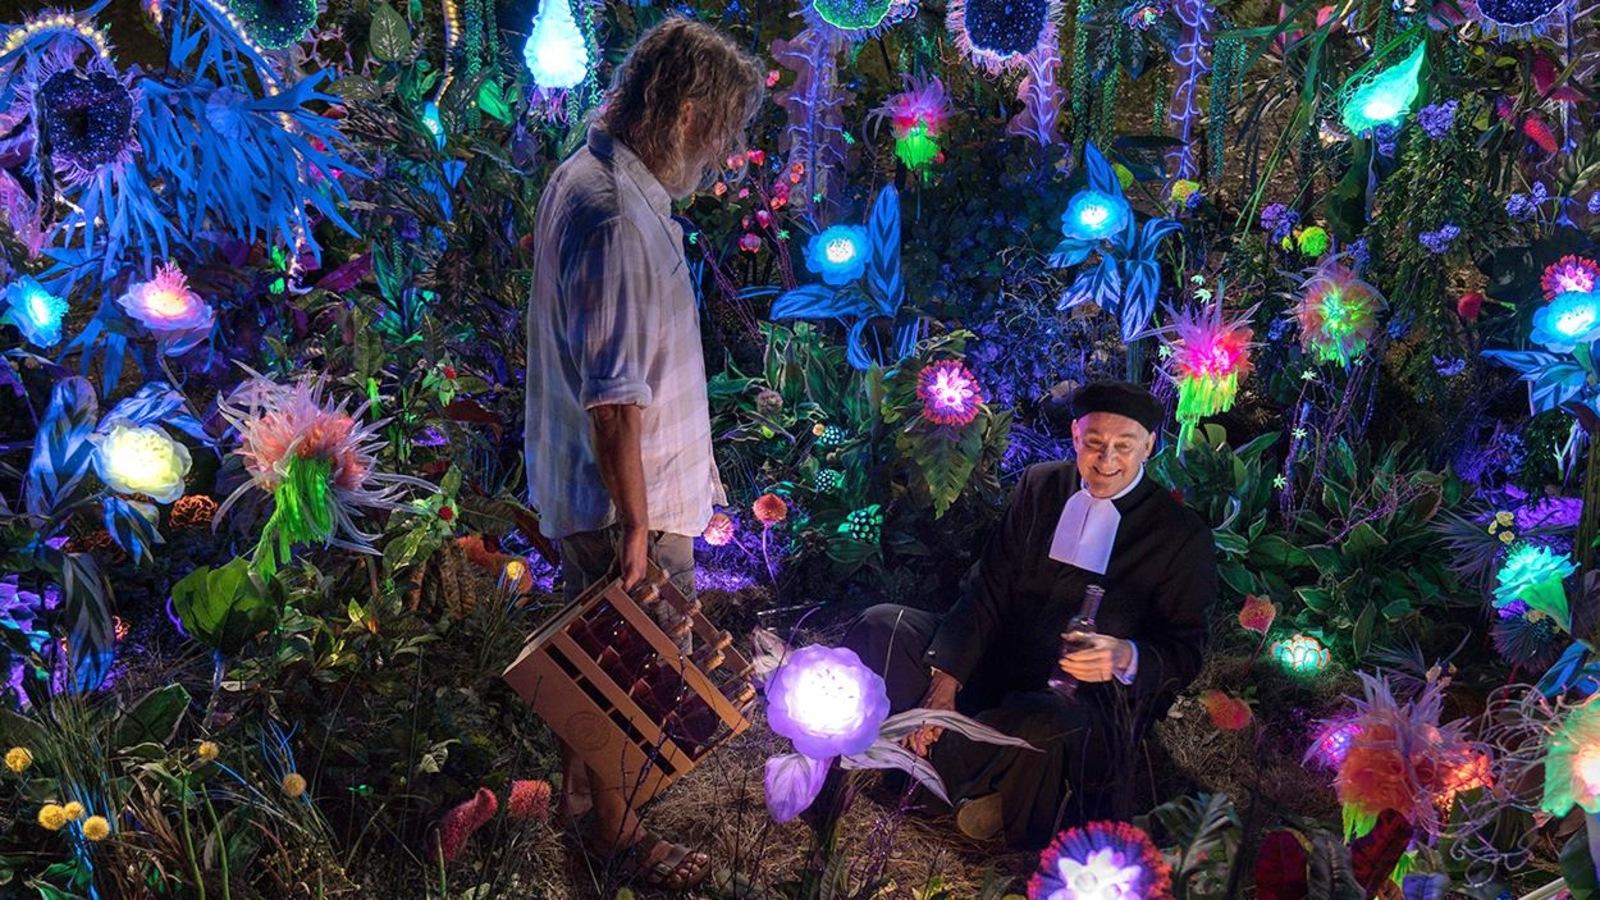 Au milieu de fleurs fluorescentes, la nuit, un homme debout (Roy Dupuis) regarde un autre assis et en soutane (Yves Jacques)